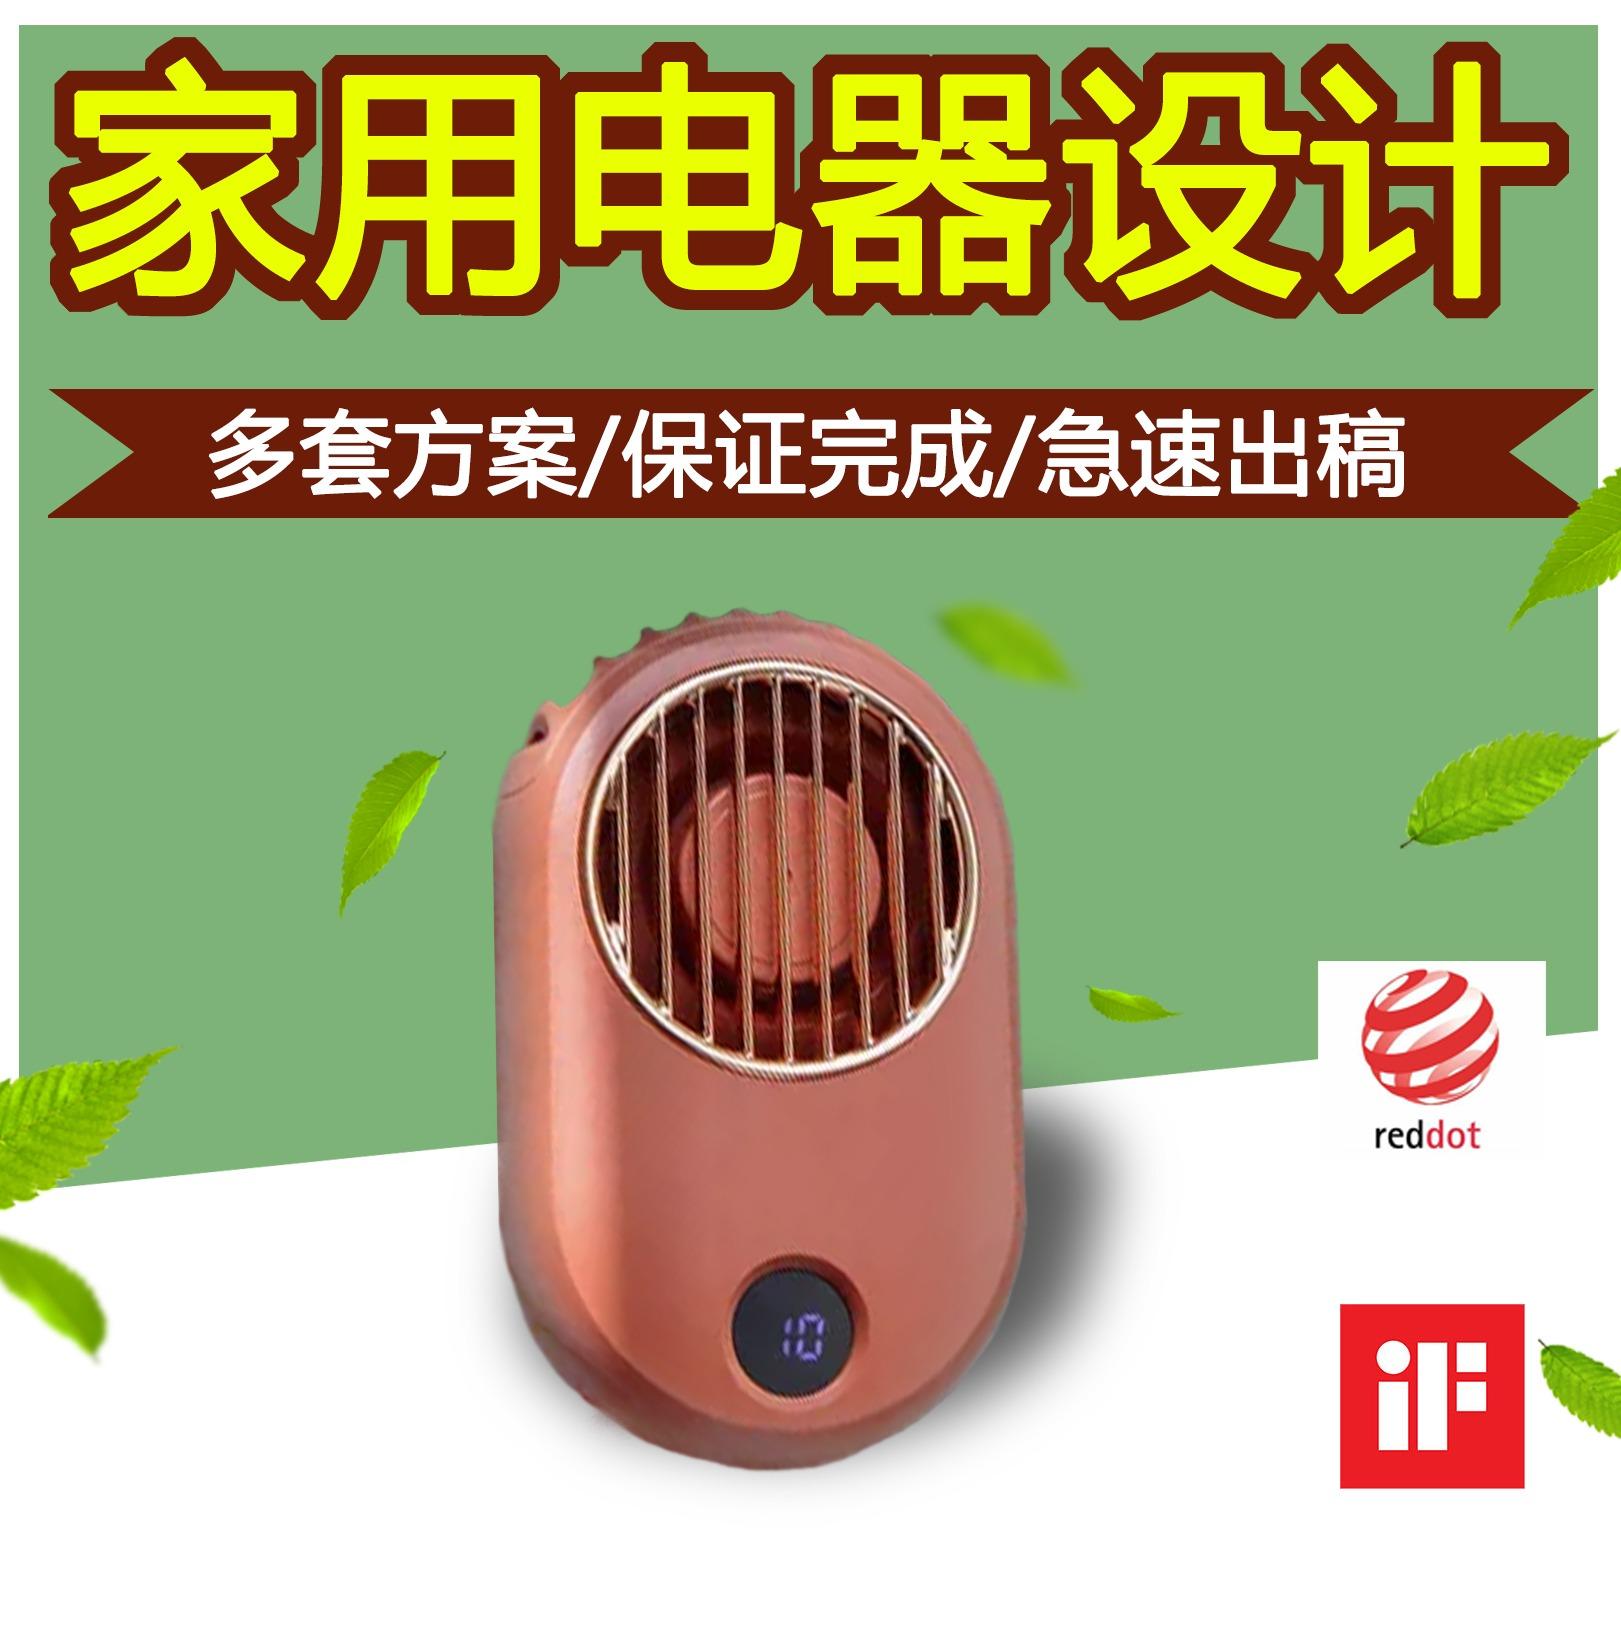 家用电器<hl>设计</hl>/小家电/<hl>产品</hl>/造型/外观/加湿器/风扇/灭蚊灯